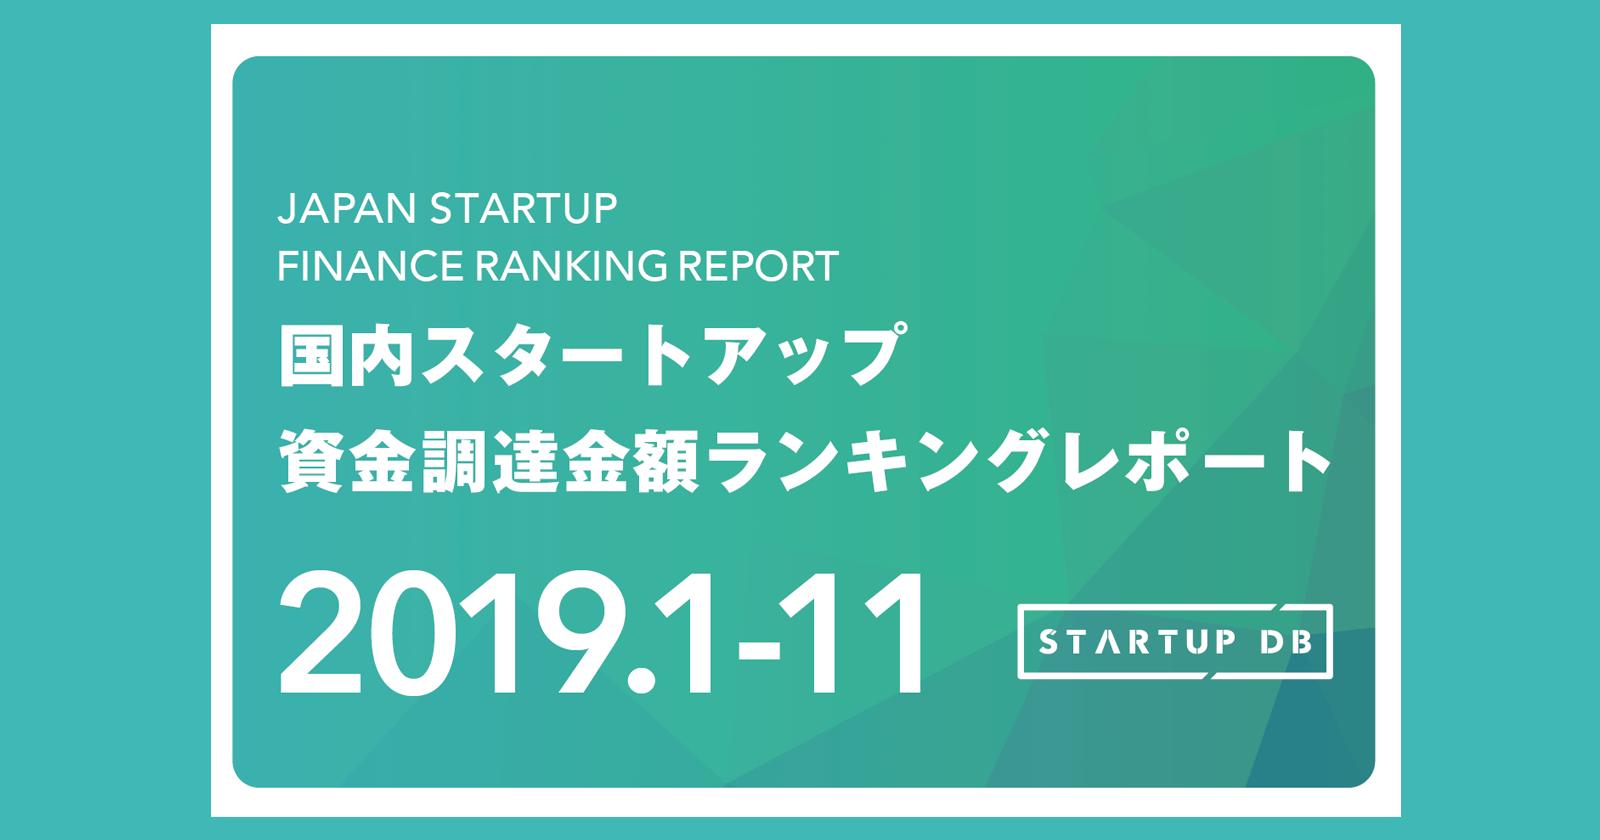 【STARTUP DB】調査結果 国内スタートアップ資金調達ランキング スマートニュースがシリーズEで合計約100億円を調達し、3位に浮上